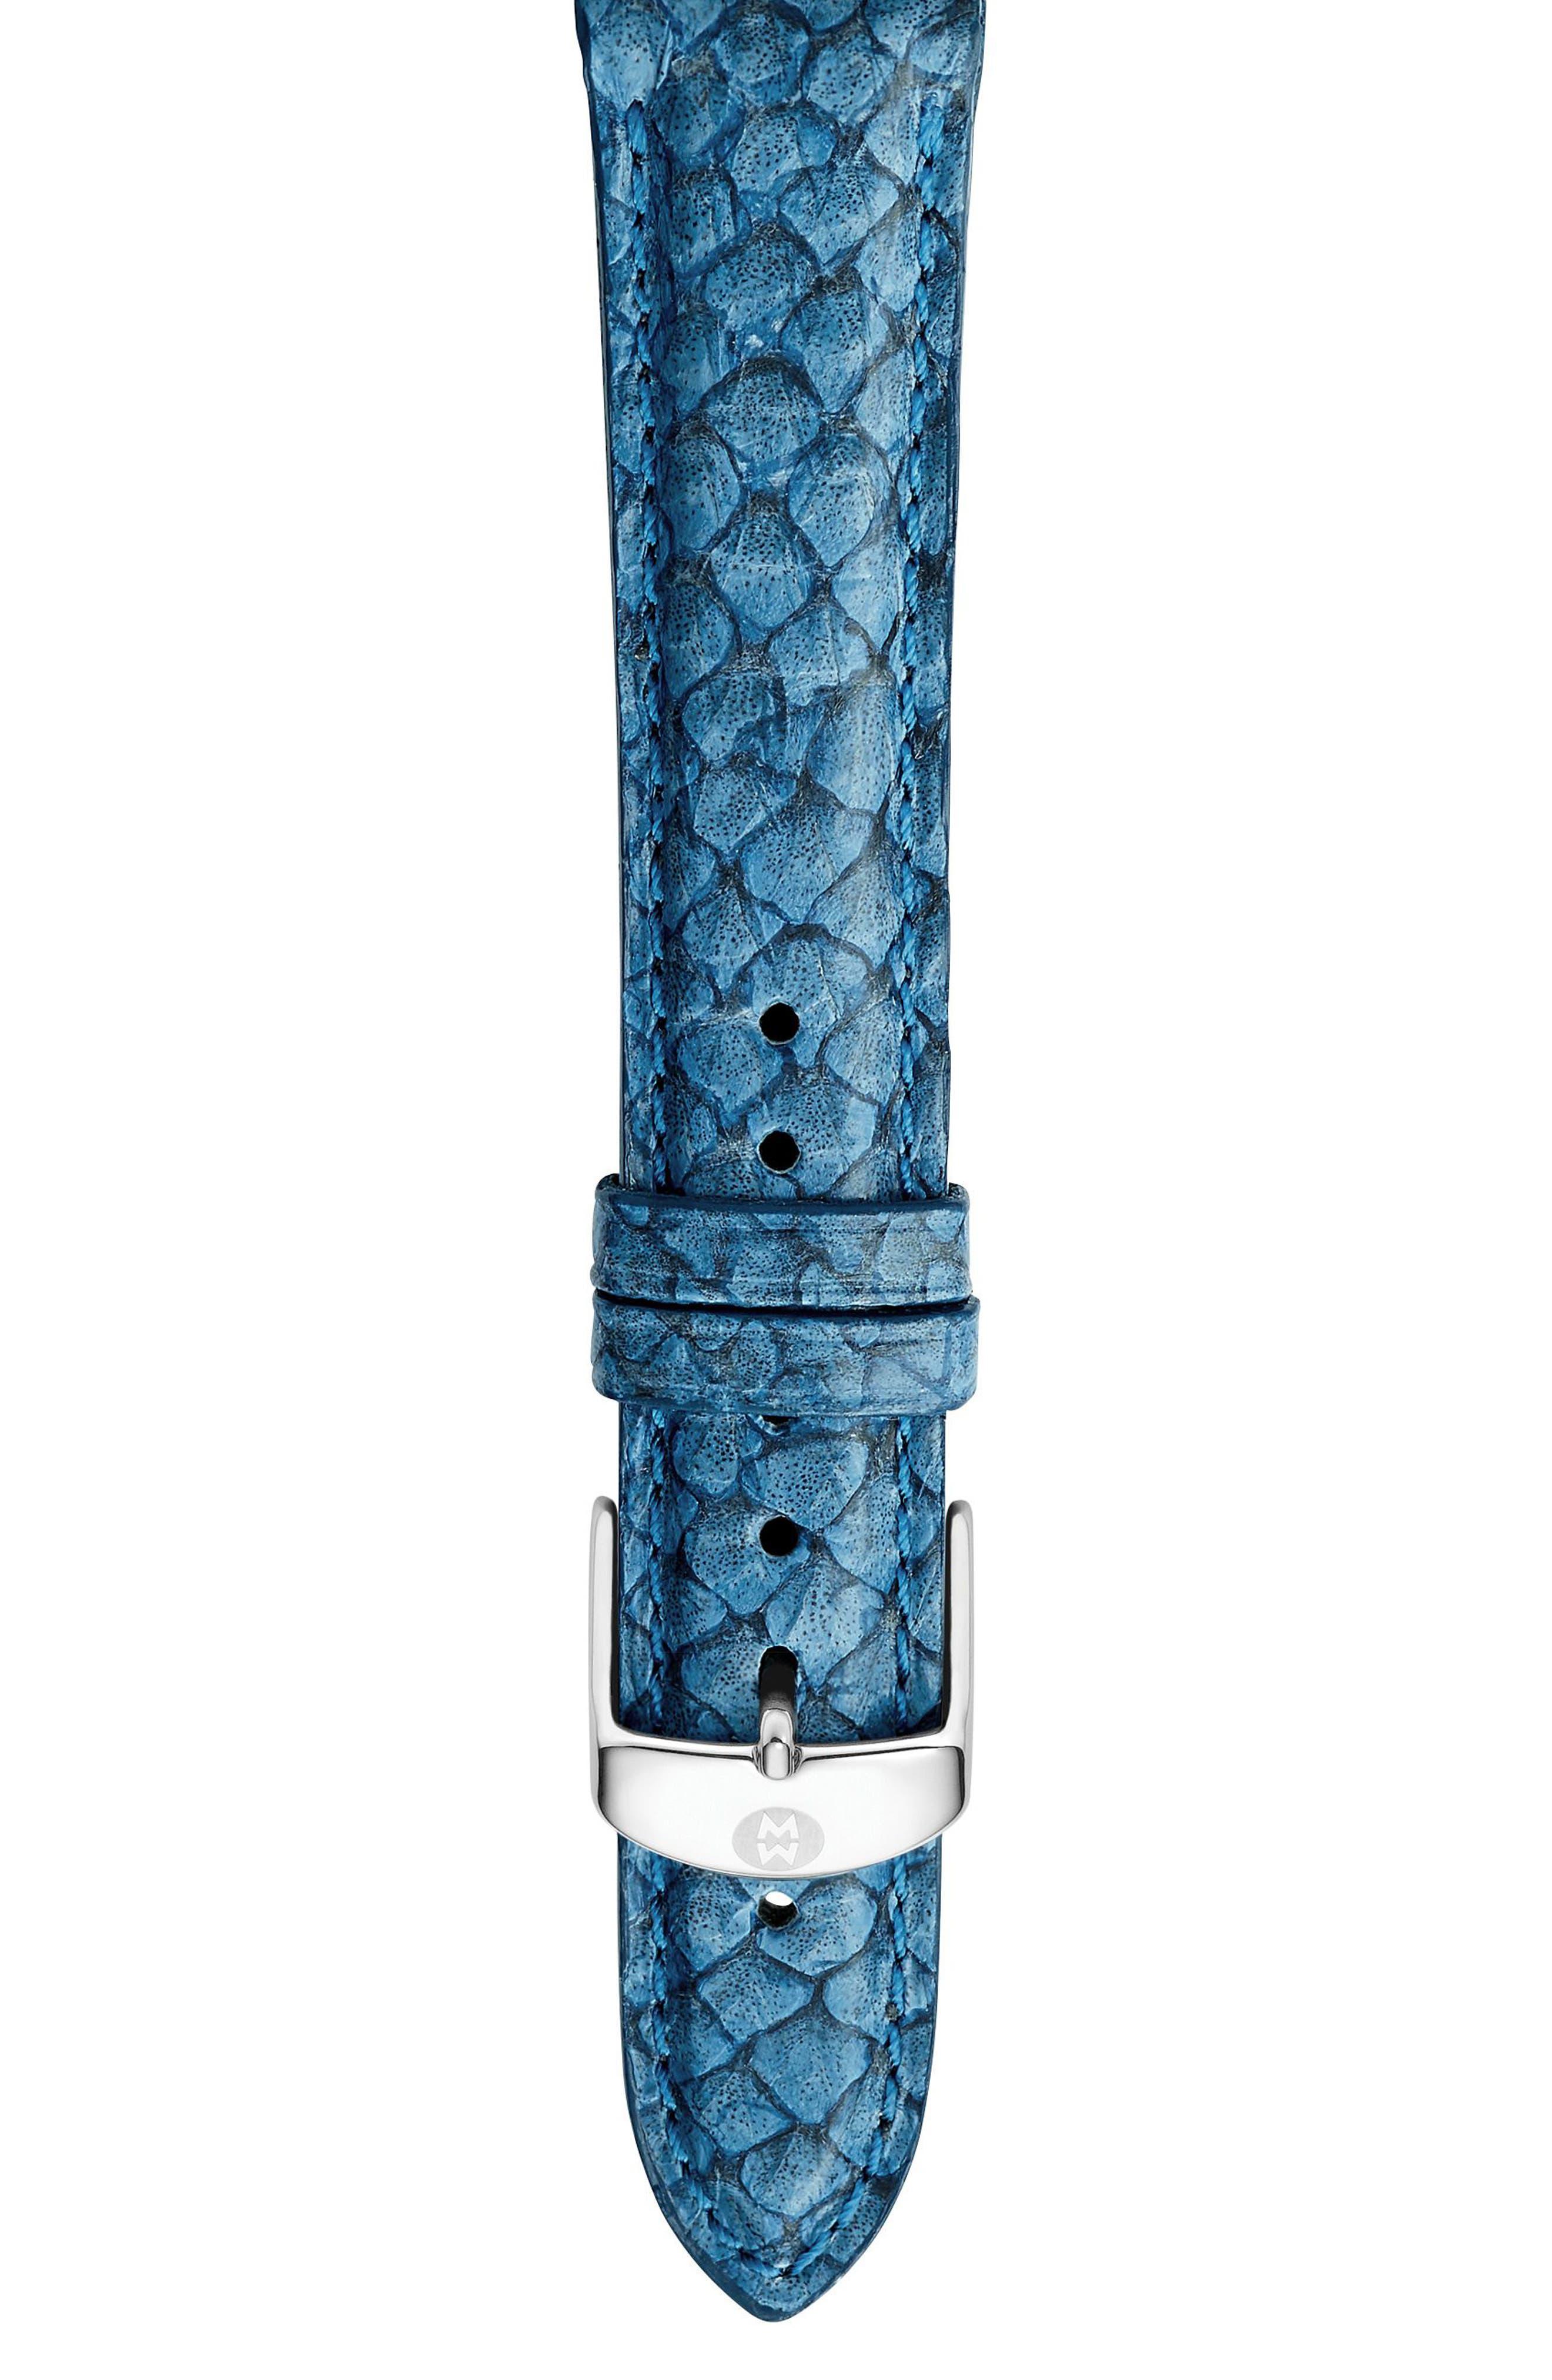 MICHELE 18mm Seamist Blue Fish Skin Watch Strap